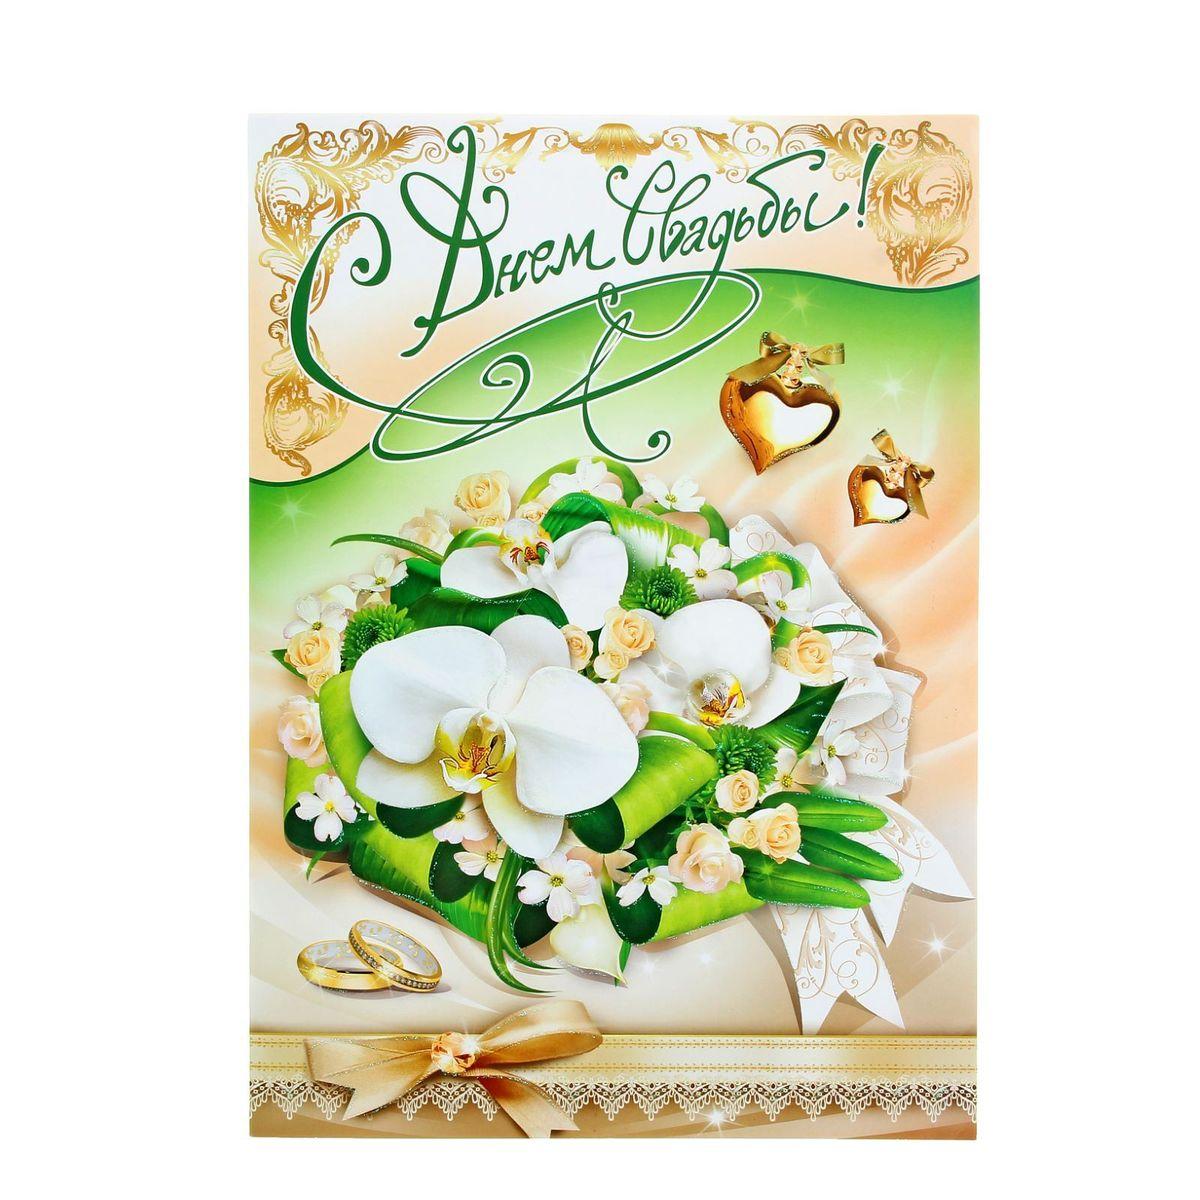 Эдельвейс Открытка сложнотехническая гигант С днем Свадьбы!, орхидеи, кольцаRG-D31SЕсли вы хотите порадовать себя или близких, создать праздничное настроение и с улыбкой провести памятный день, то вы, несомненно, сделали правильный выбор! Товар Открытка отличается не только оригинальным дизайном, но и высоким качеством.